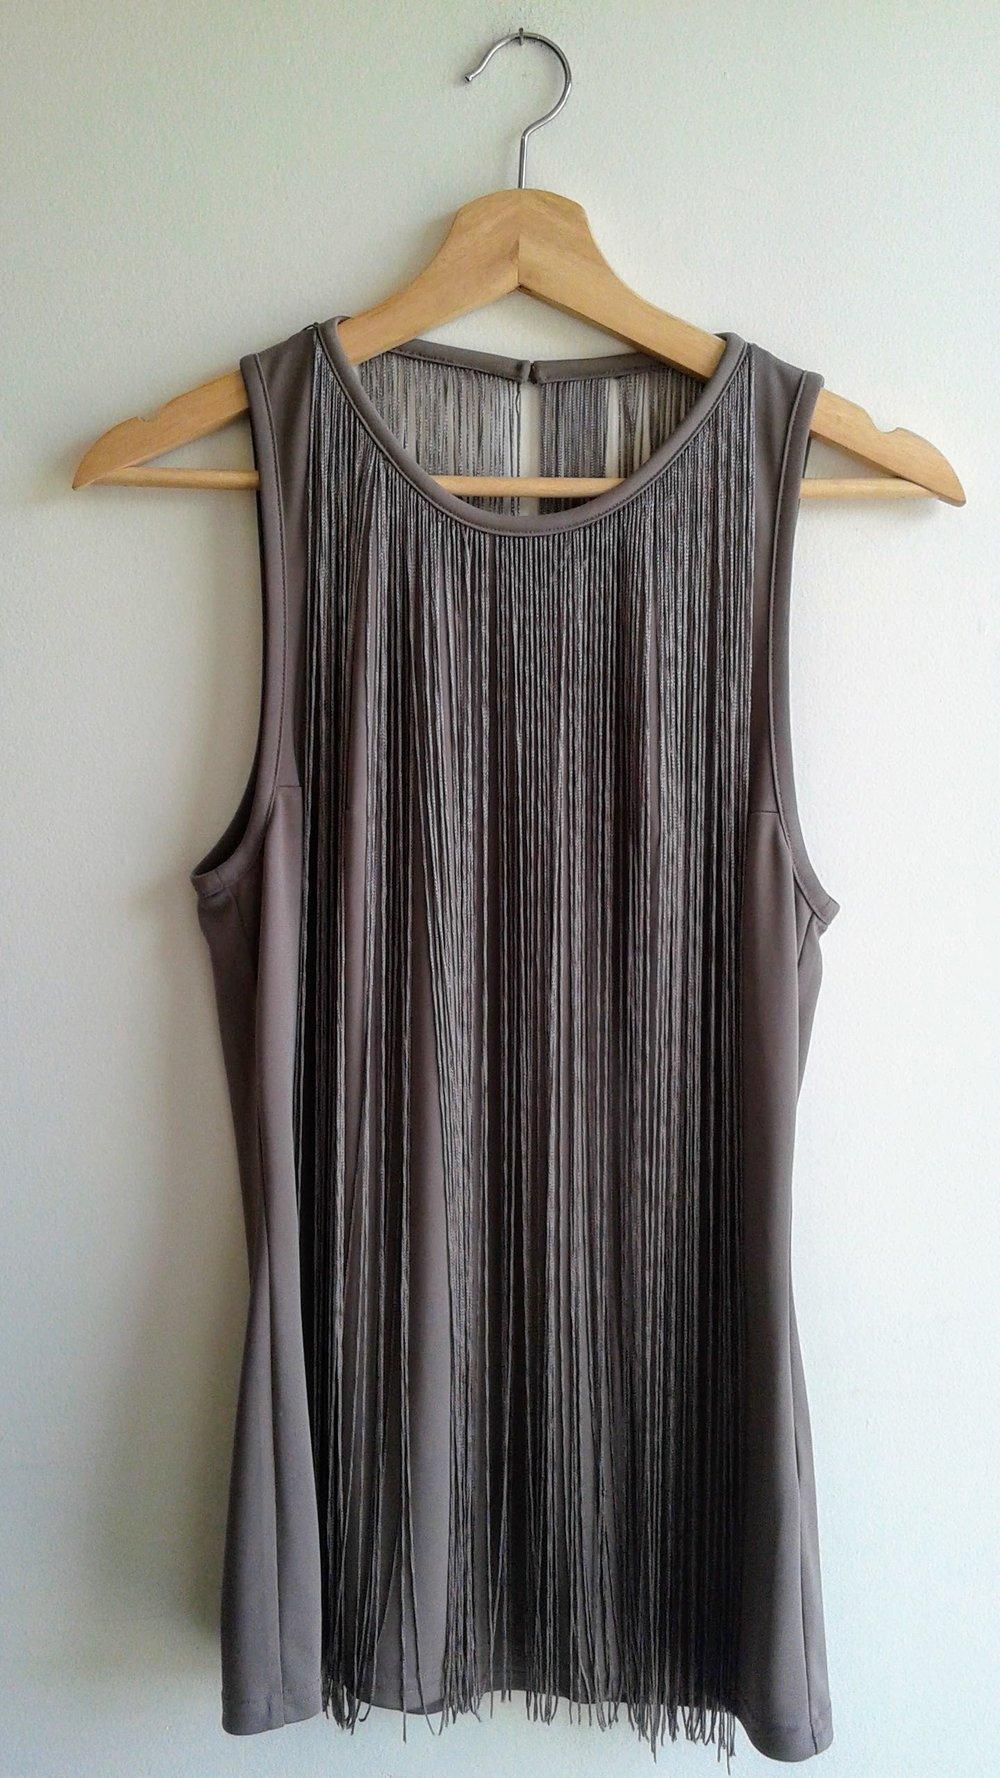 Sam Edelman top; Size L, $30